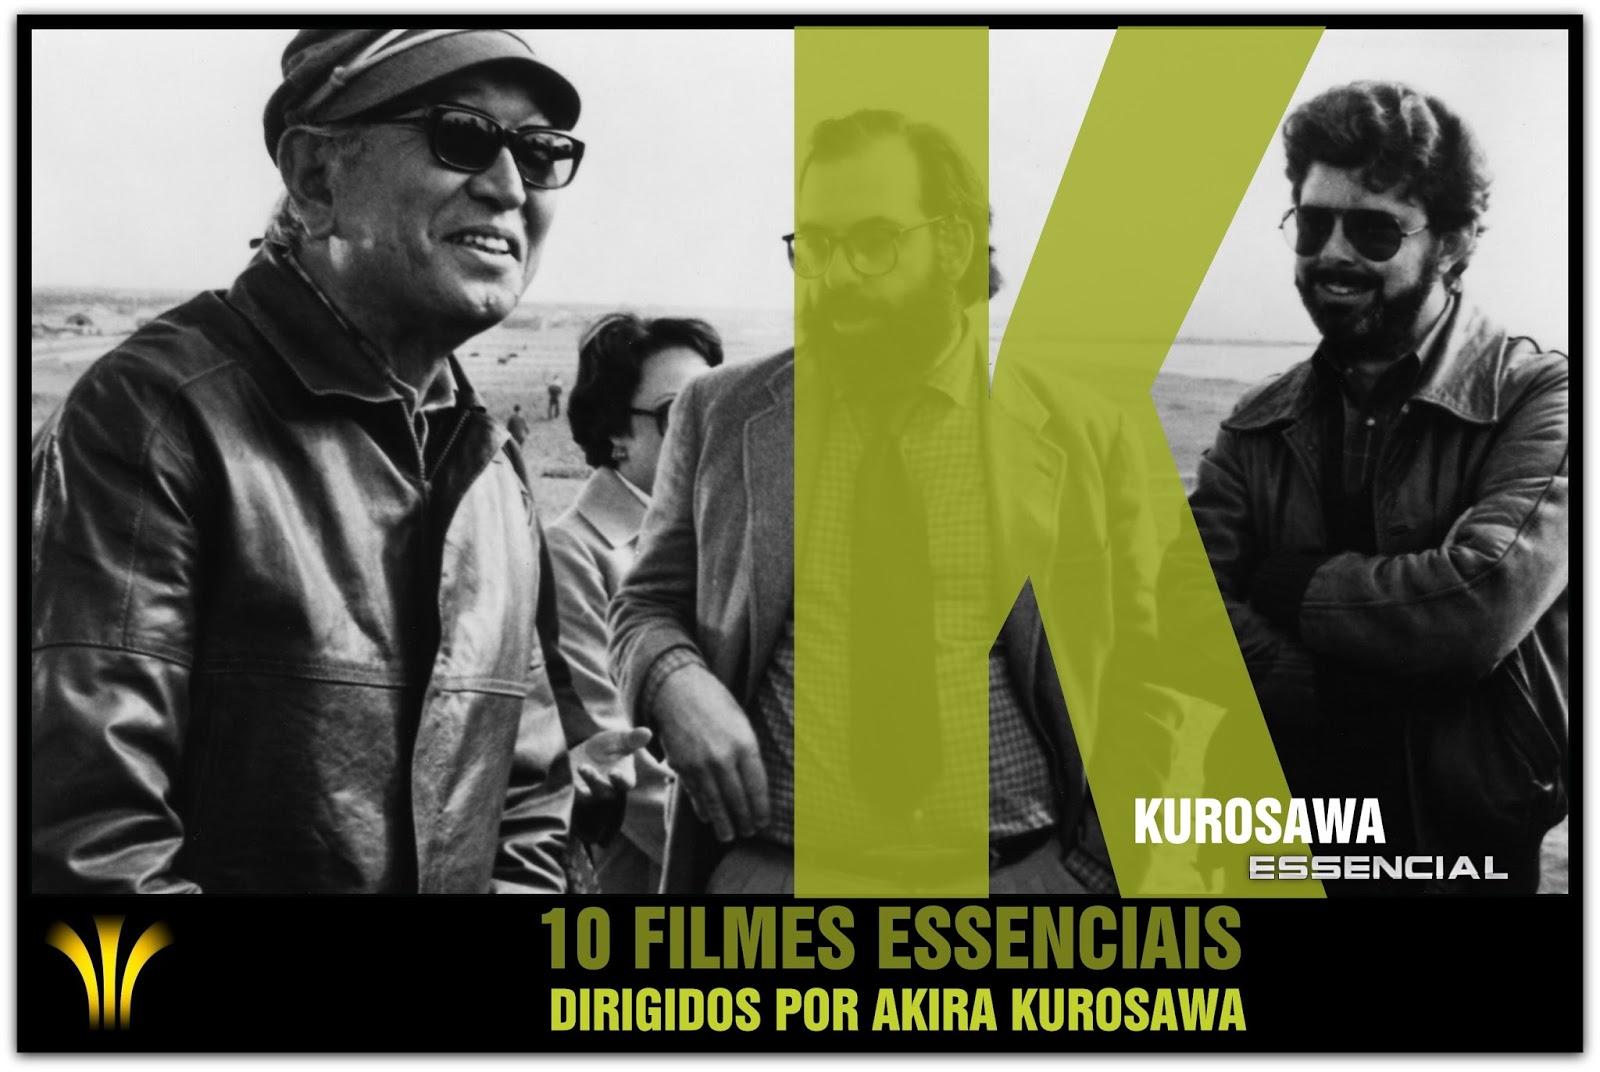 Akira Kurosawa Filmes